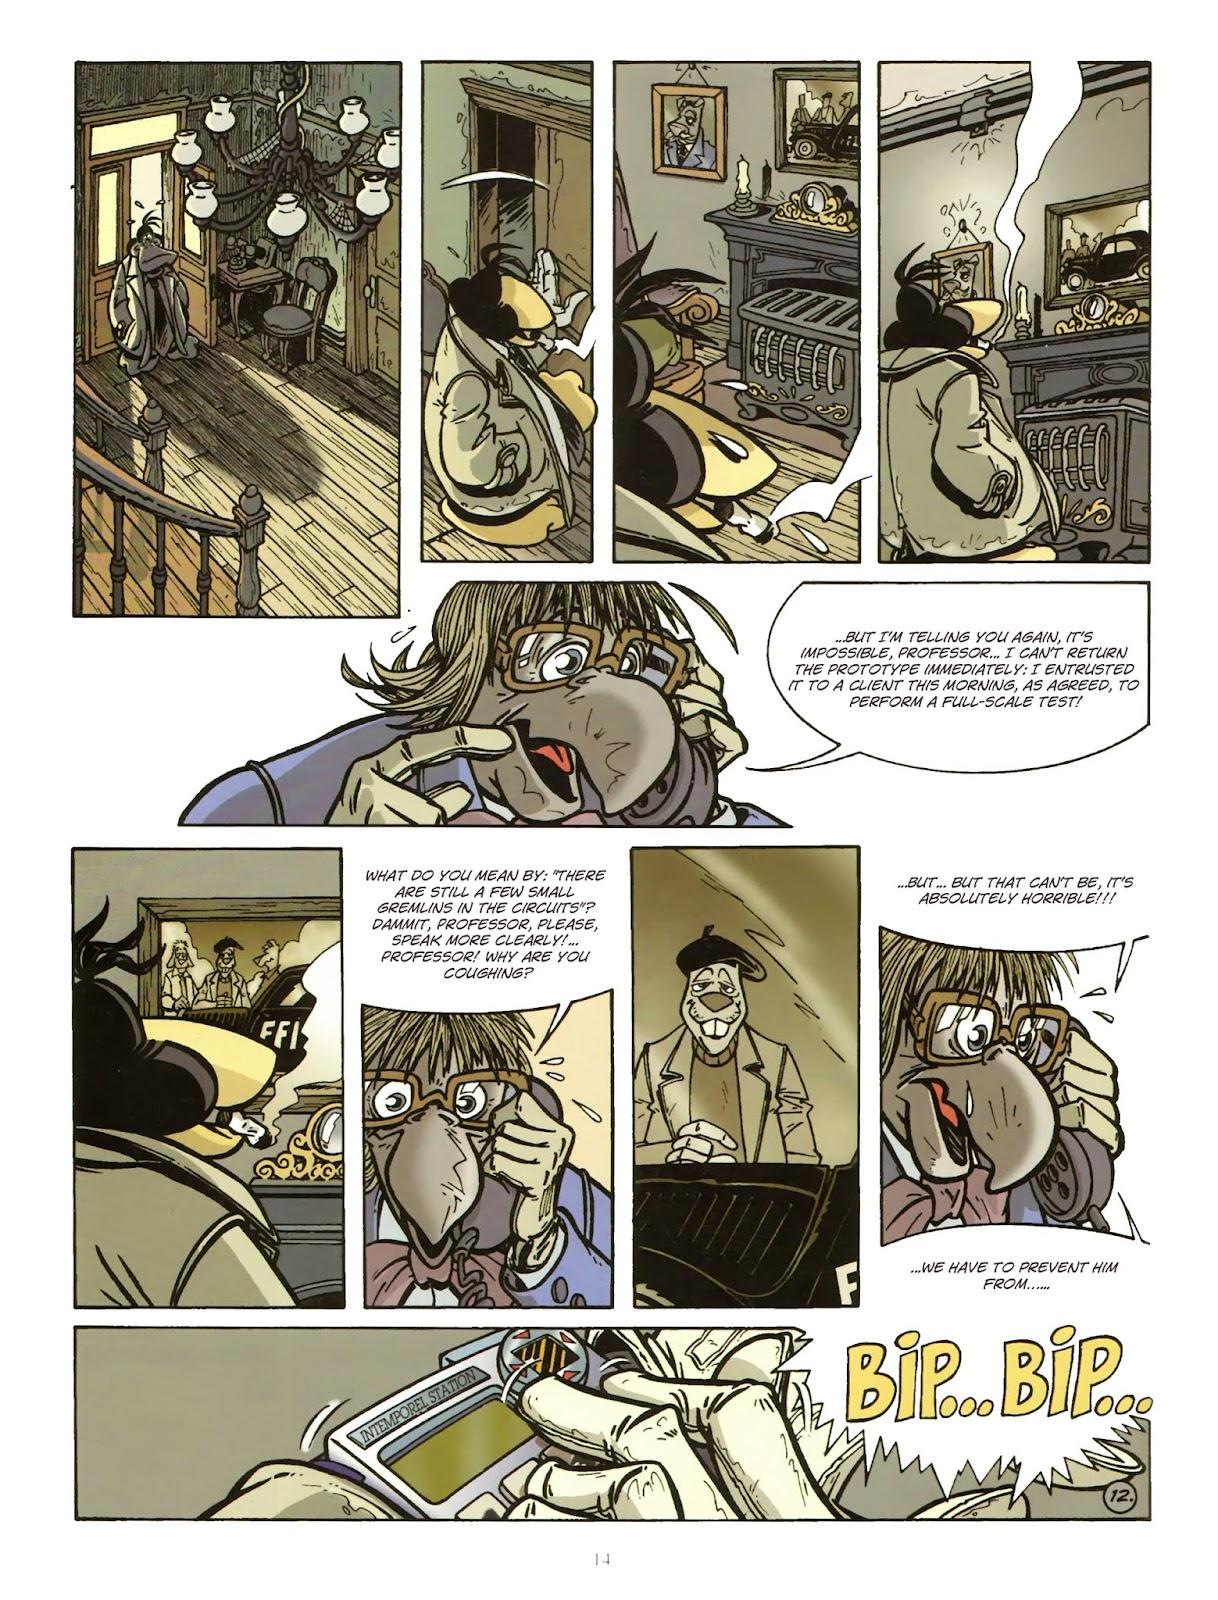 Une enquête de l'inspecteur Canardo issue 11 - Page 15